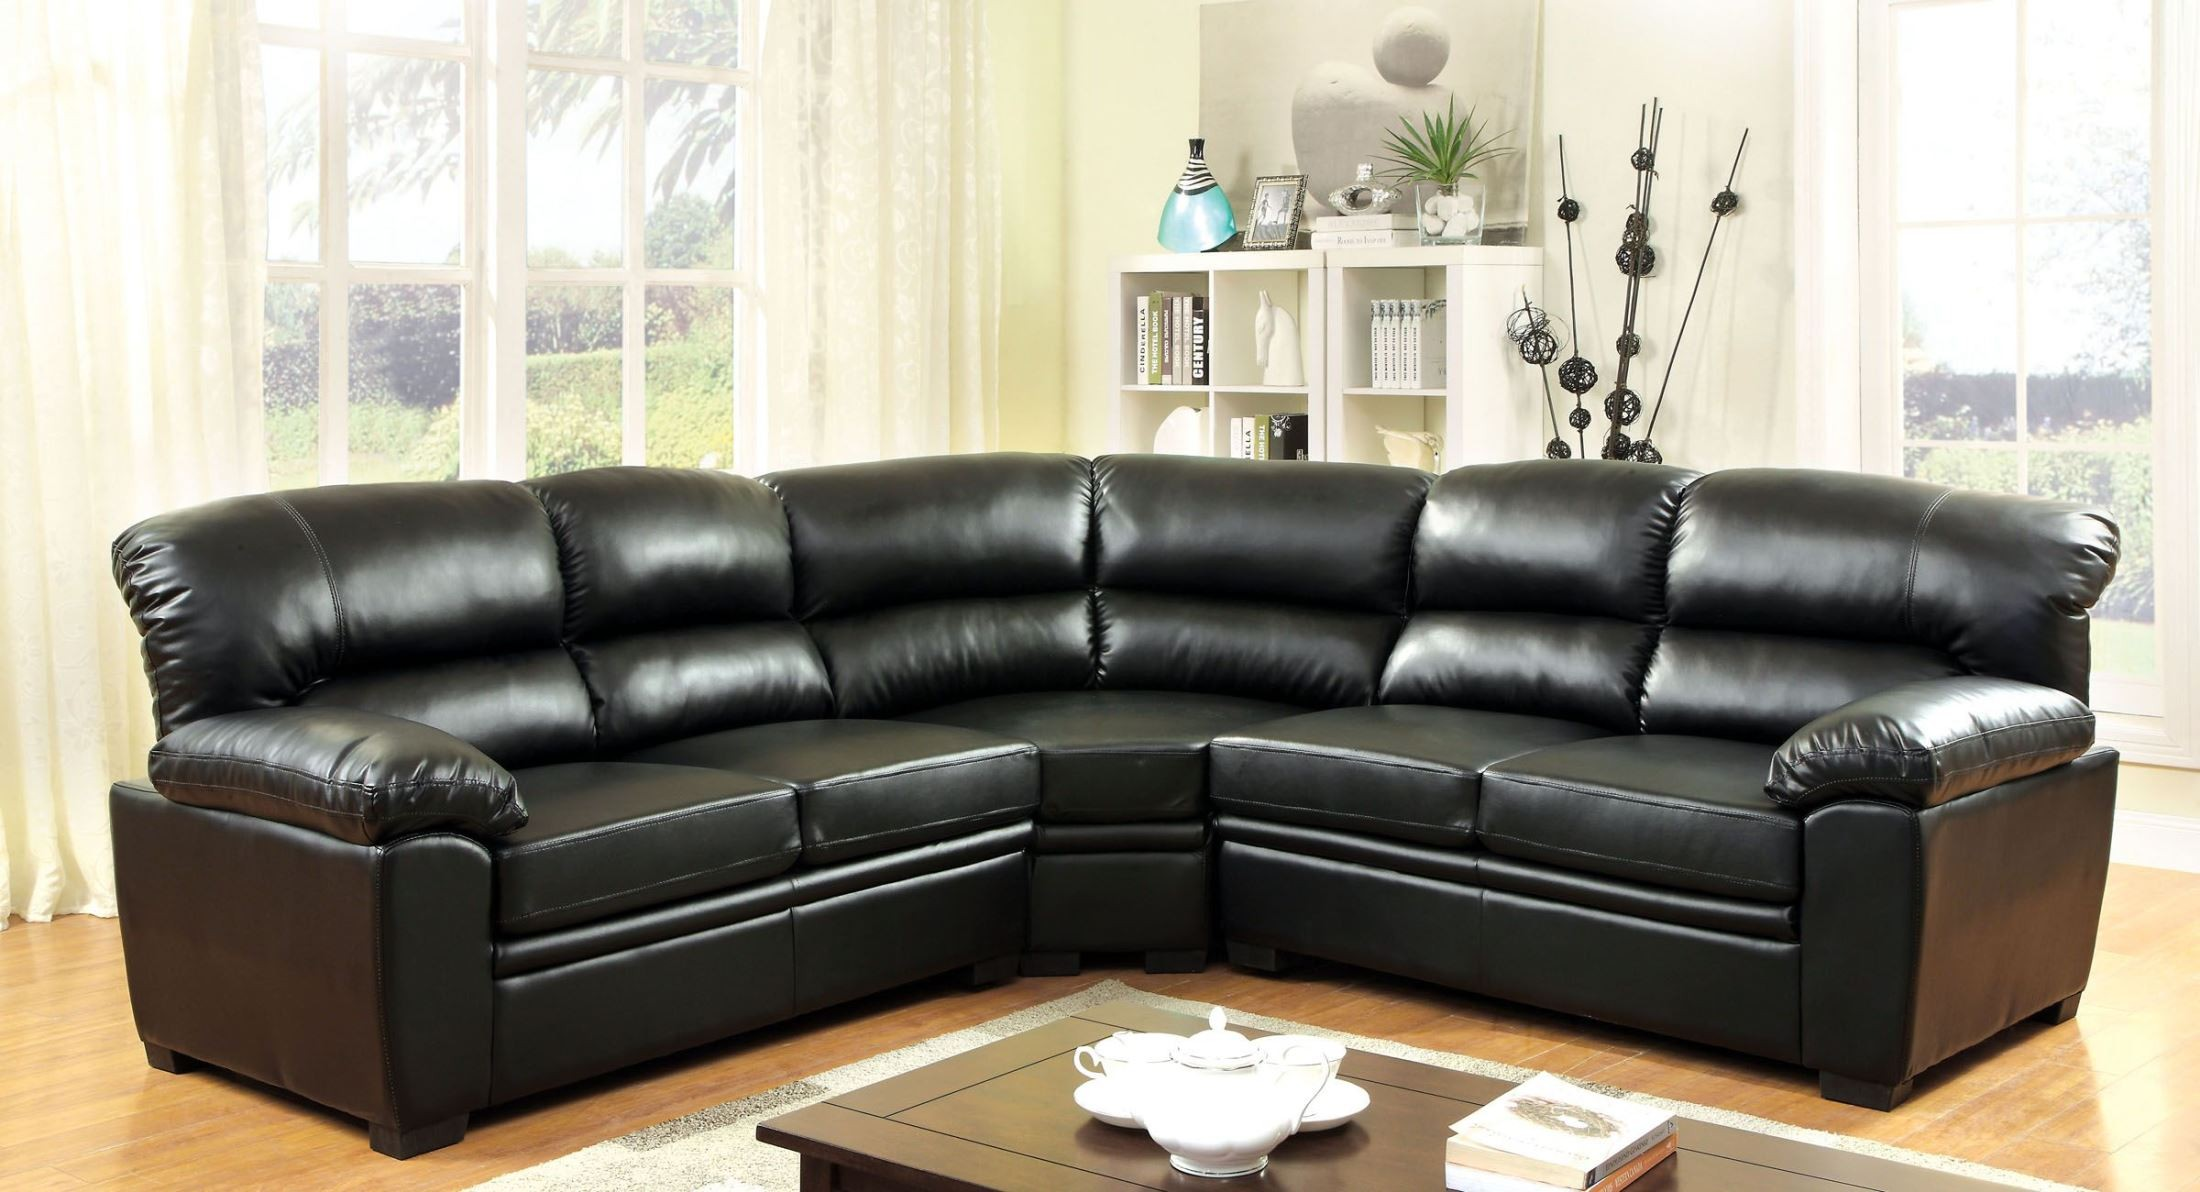 oliver black sectional from furniture of america cm6325bk. Black Bedroom Furniture Sets. Home Design Ideas